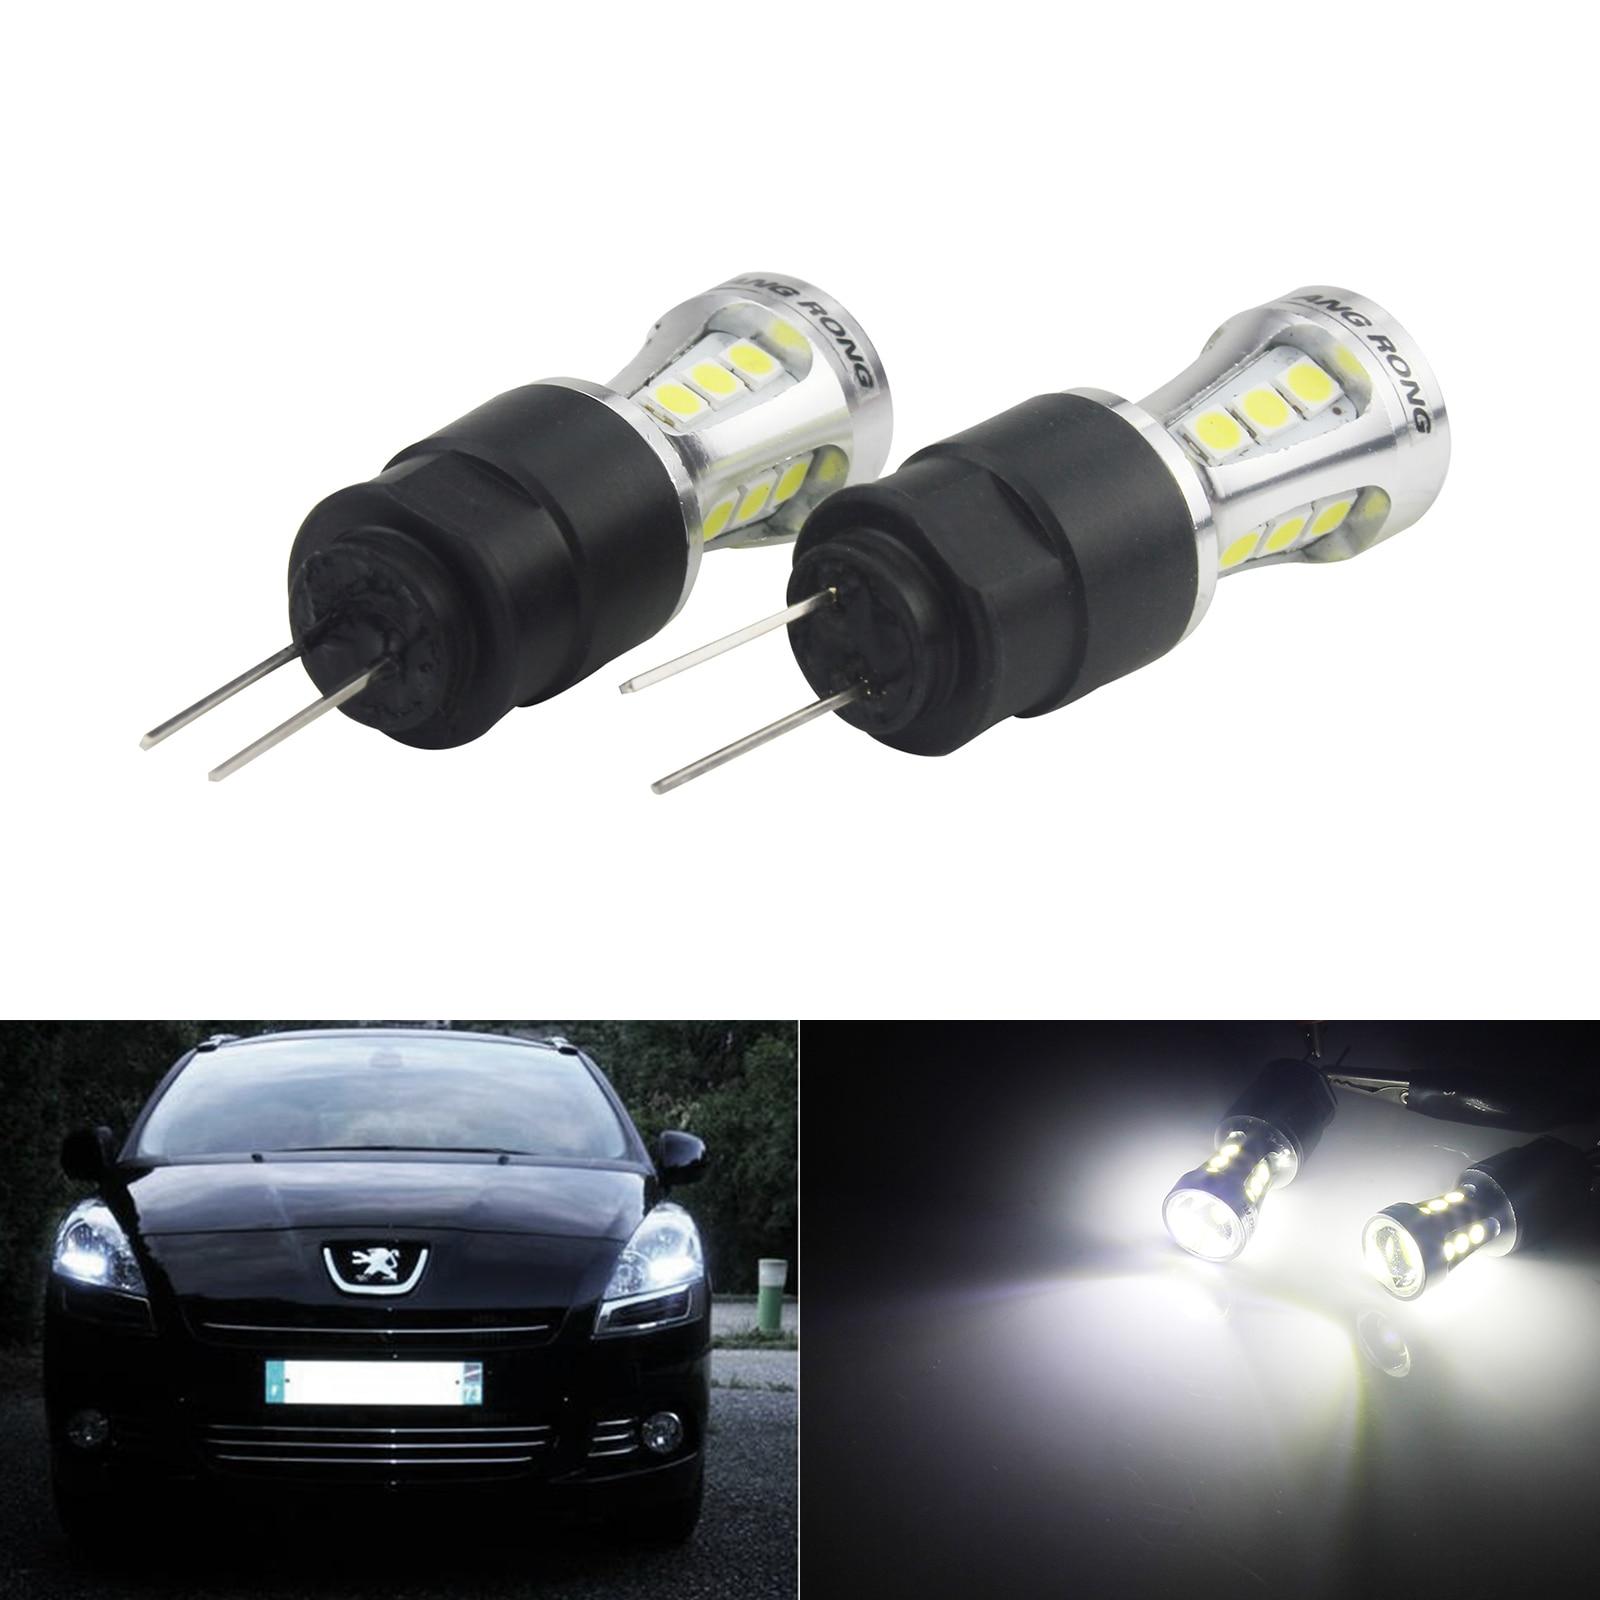 ANGRONG 2x HP24W HPY24W G4 18 SMD светодиодные лампы дневного света для Peugeot 3008 5008 Citron C5 белый 6000K